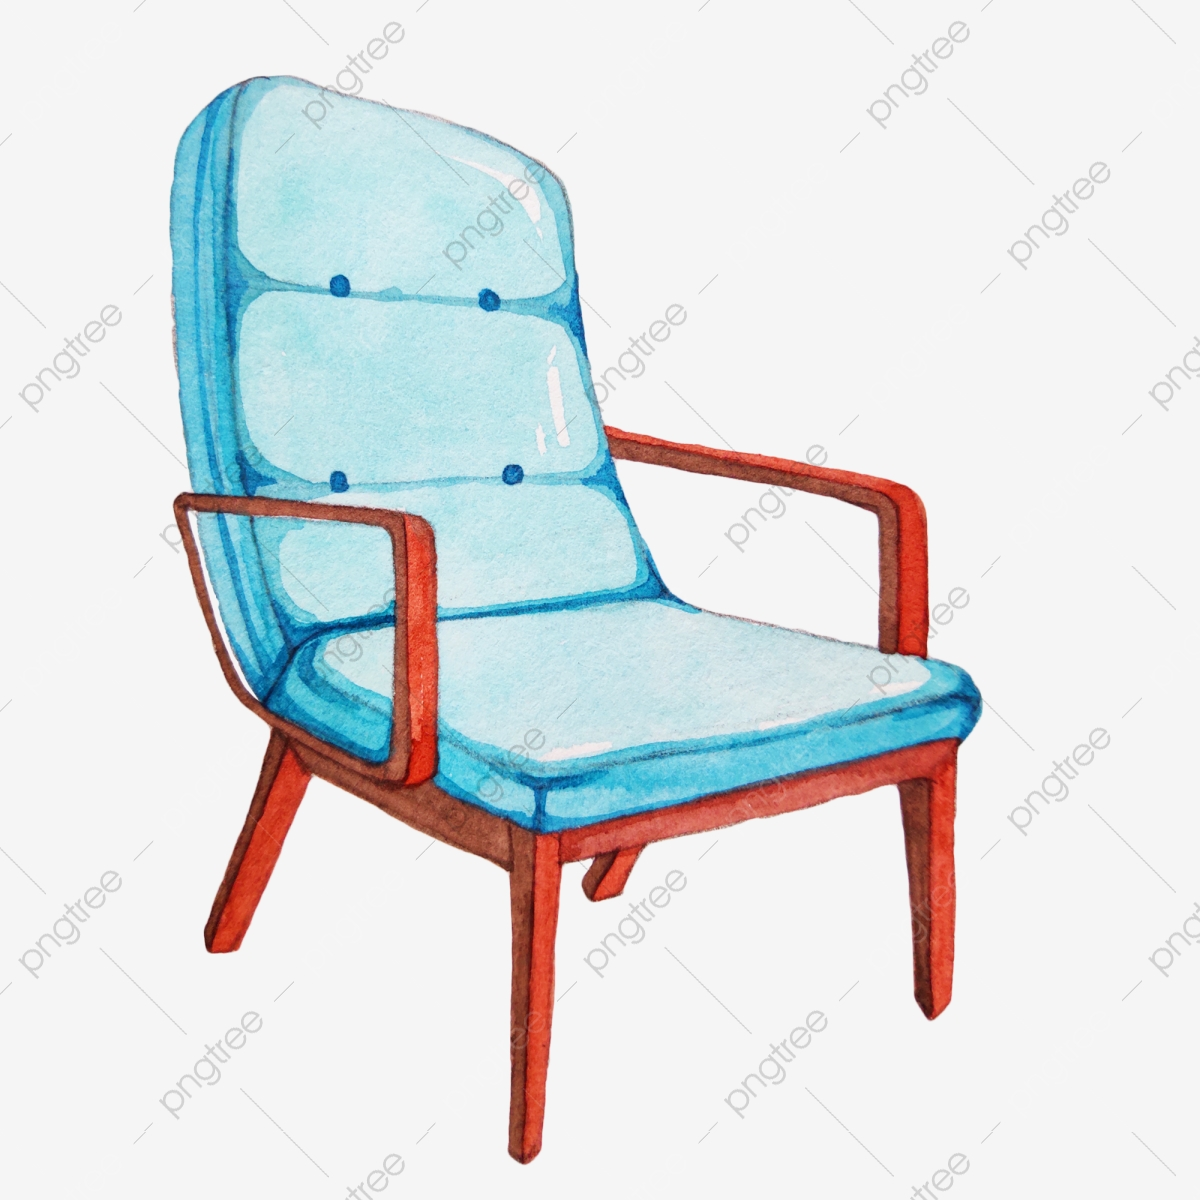 Single Blue Sofa Chair Chair Furniture Sofa Png